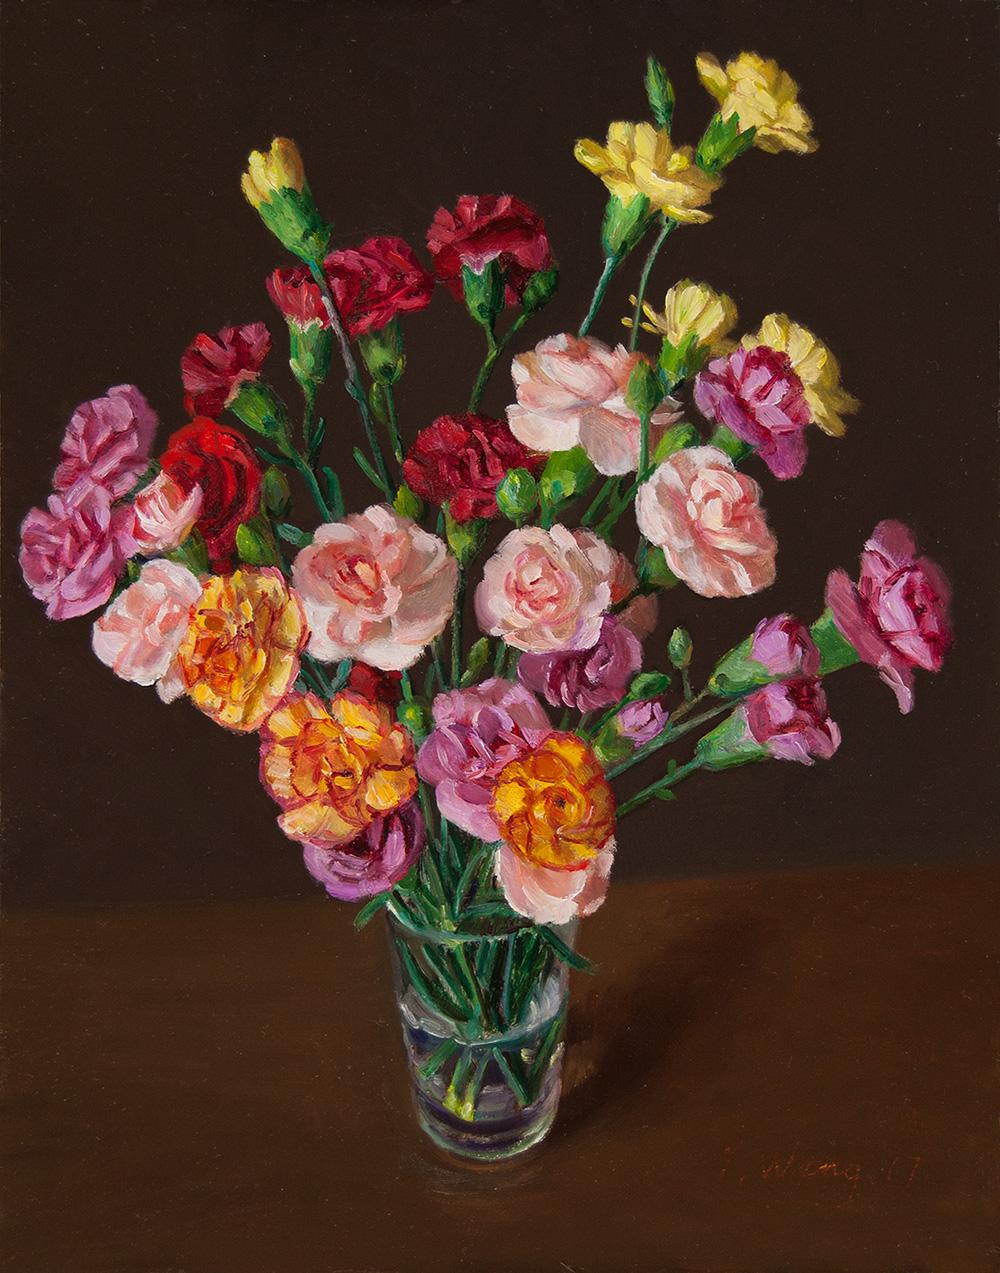 Wang Fine Art Carnation Flower Still Life Painting Flora Original